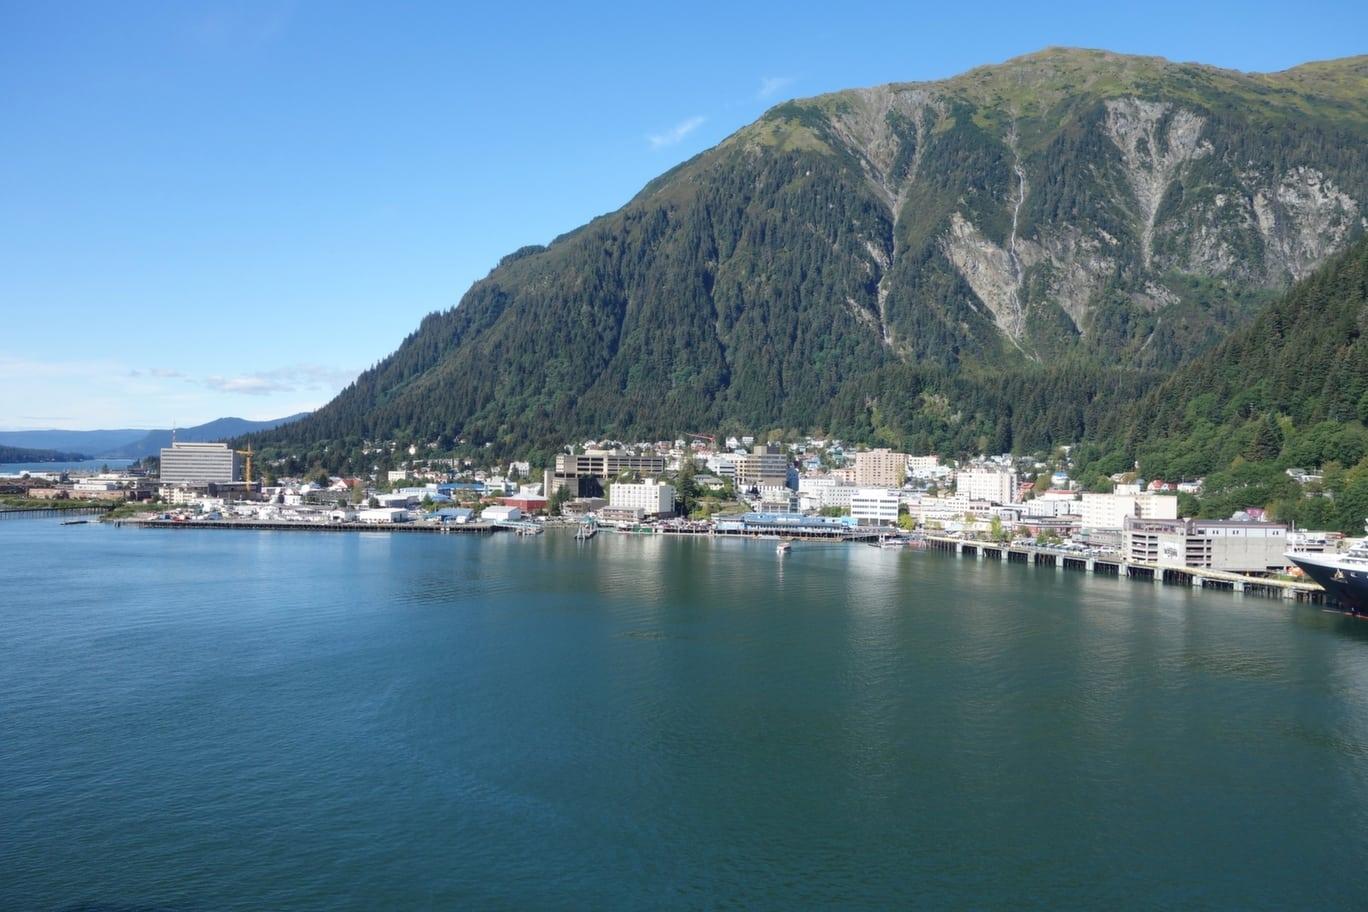 Top Ten Reasons to Go on an Alaskan Cruise